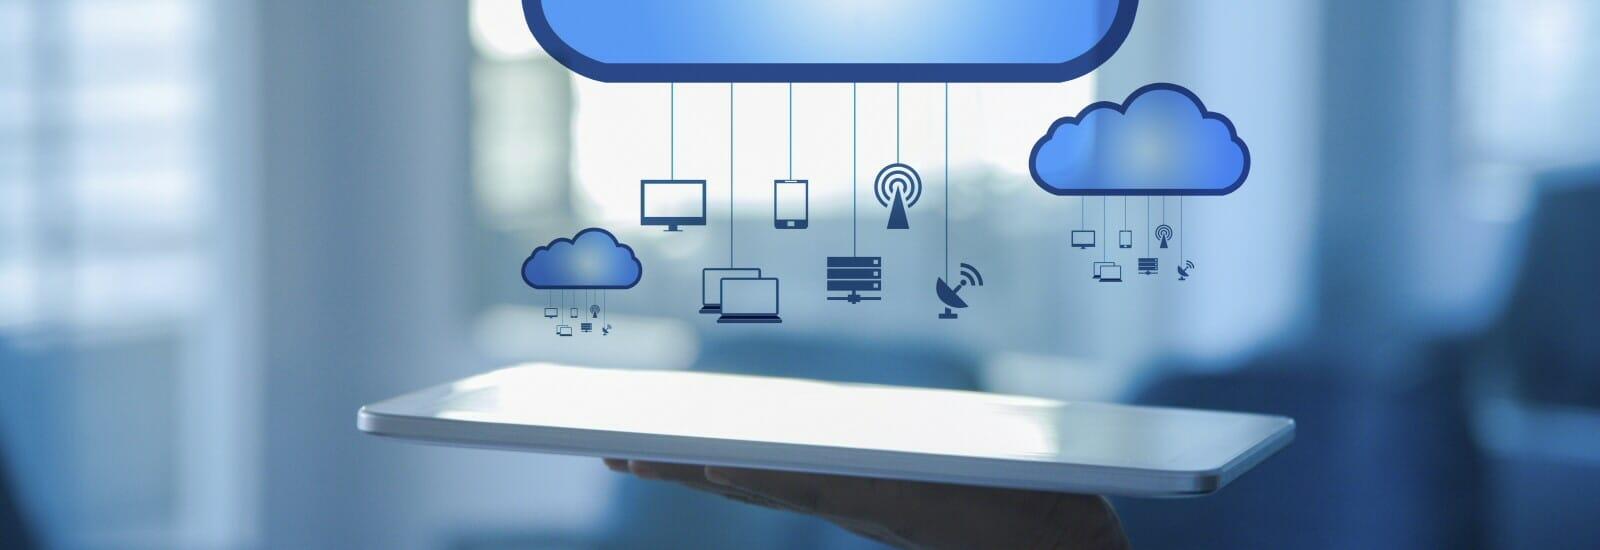 Belgische Cloud Service Providers in kaart gebracht